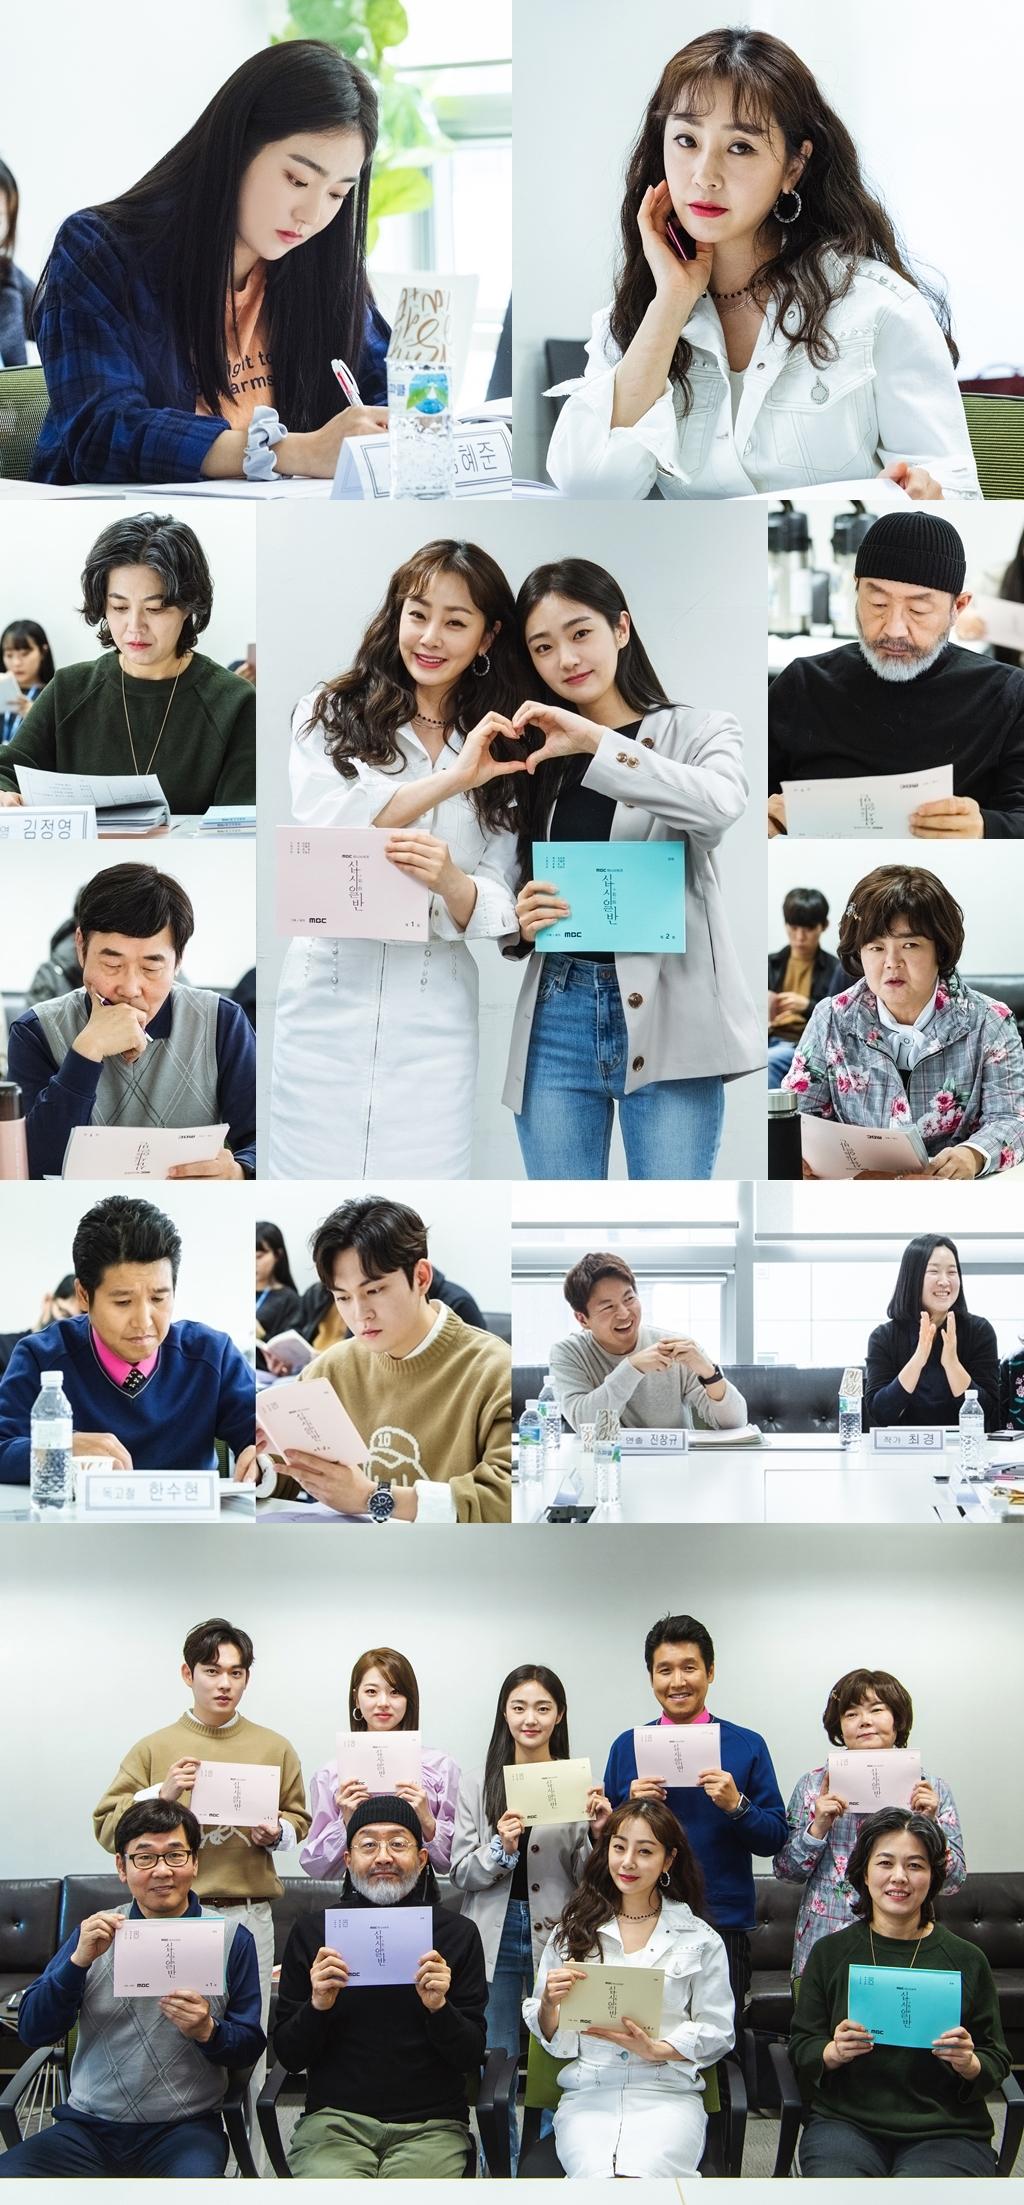 '십시일반' 김혜준X오나라, 대본 리딩 현장 공개… 내달 15일 첫 방송